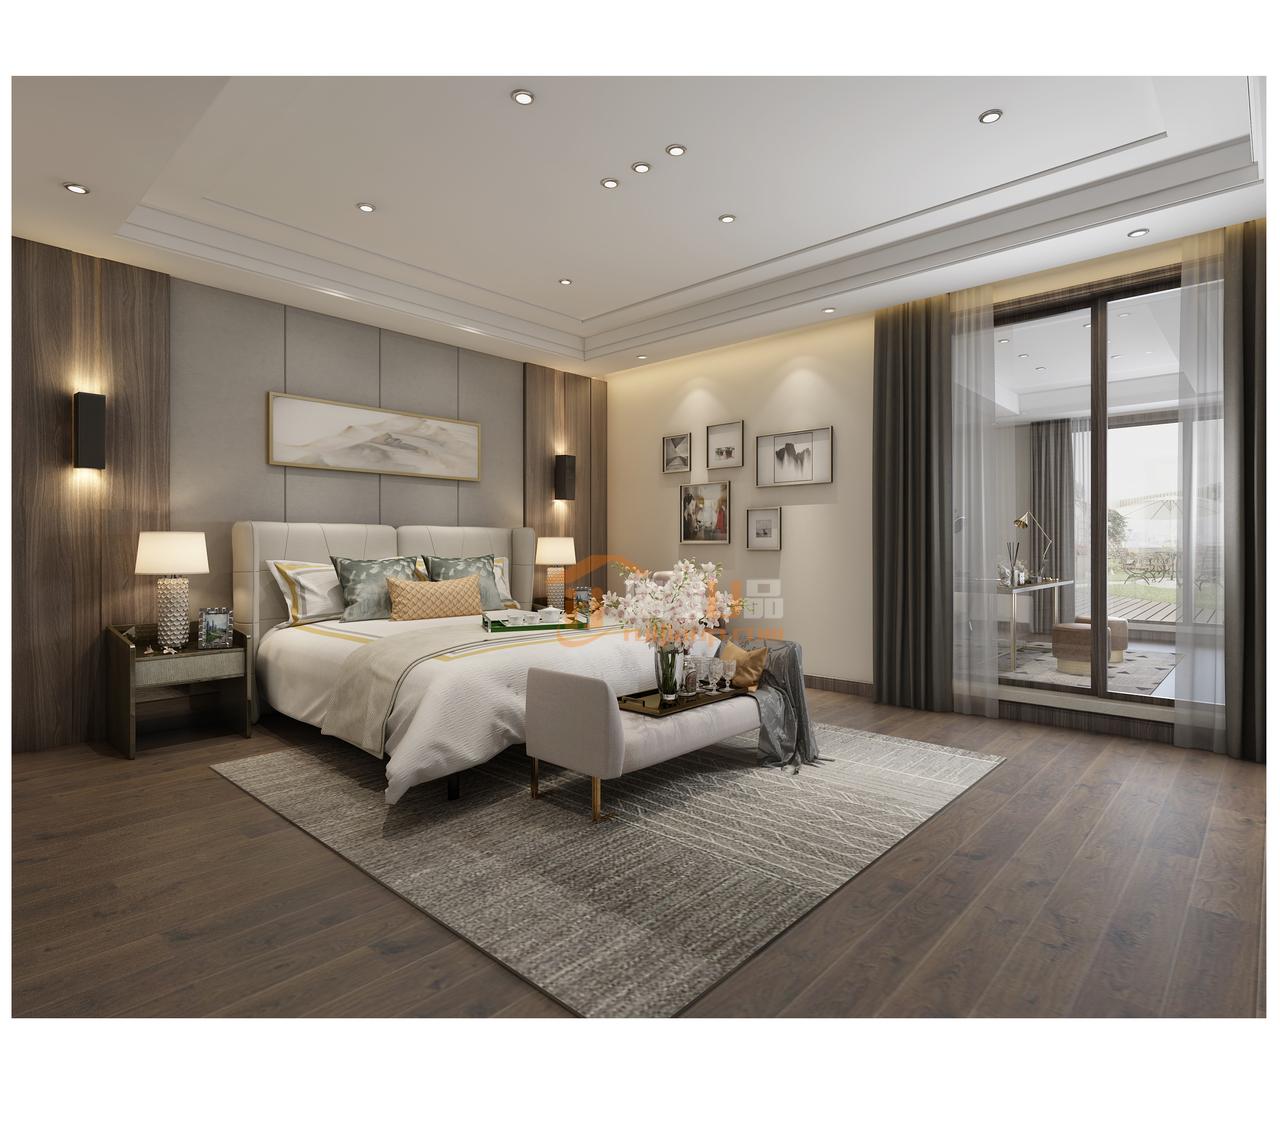 该贵阳新房装修设计的特色是将房屋的原材料、色彩搭配、灯光照明等进行最大化的简化!